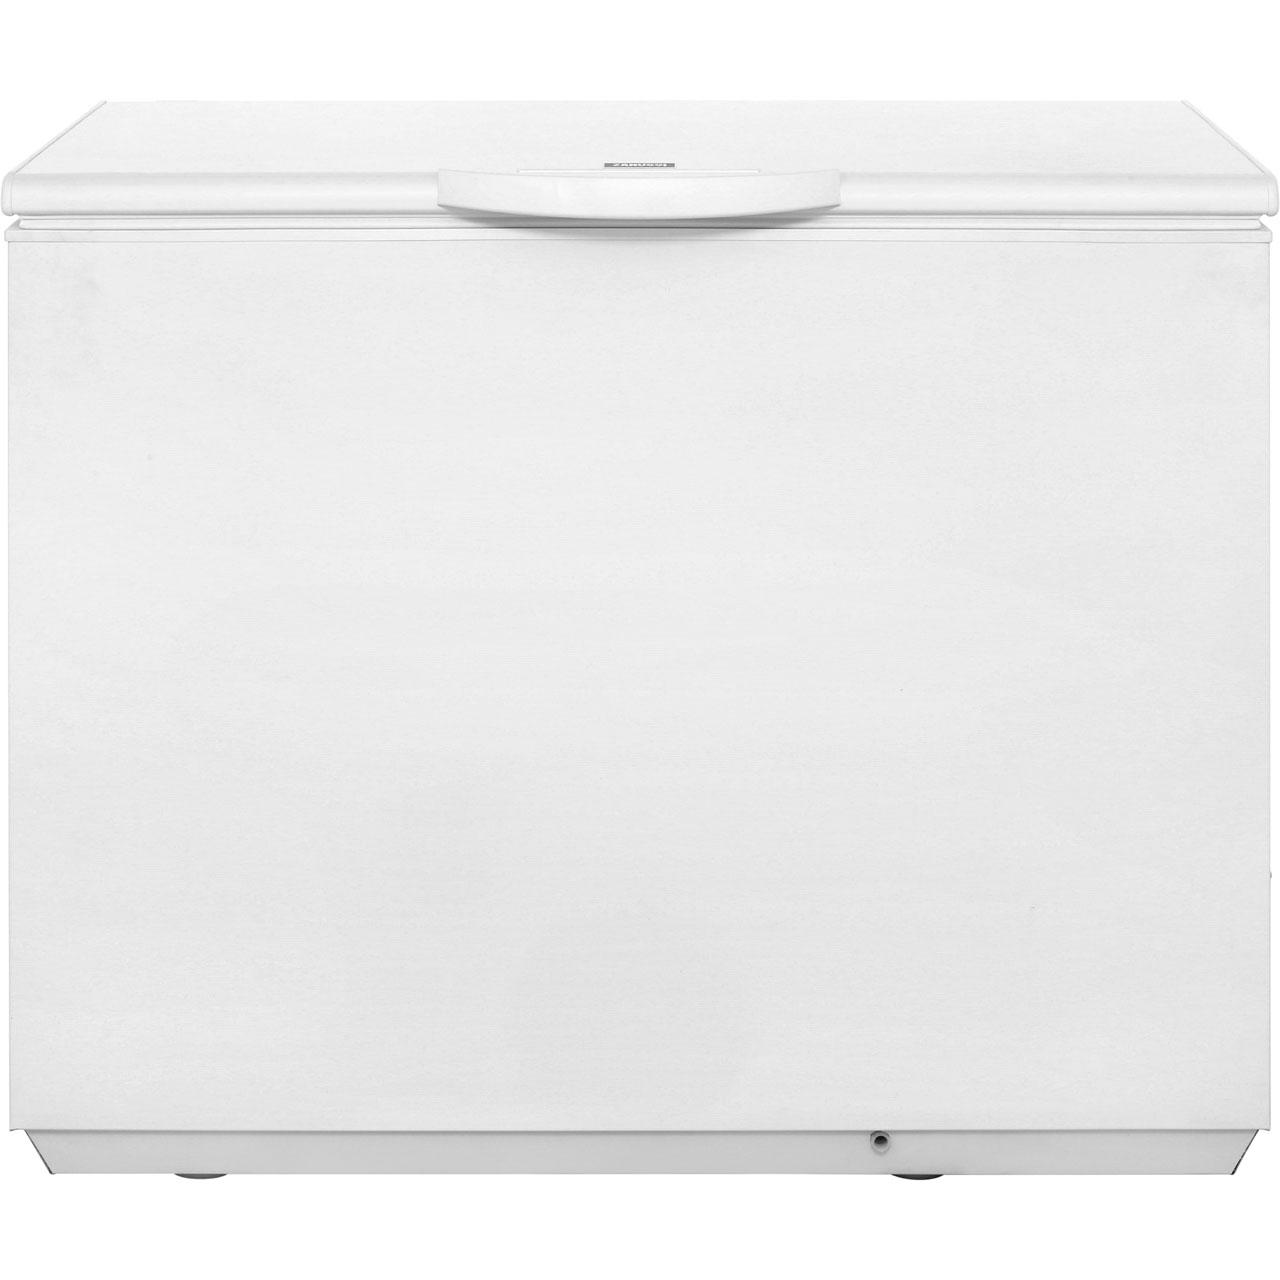 Zanussi ZFC31500WA Free Standing Chest Freezer in White